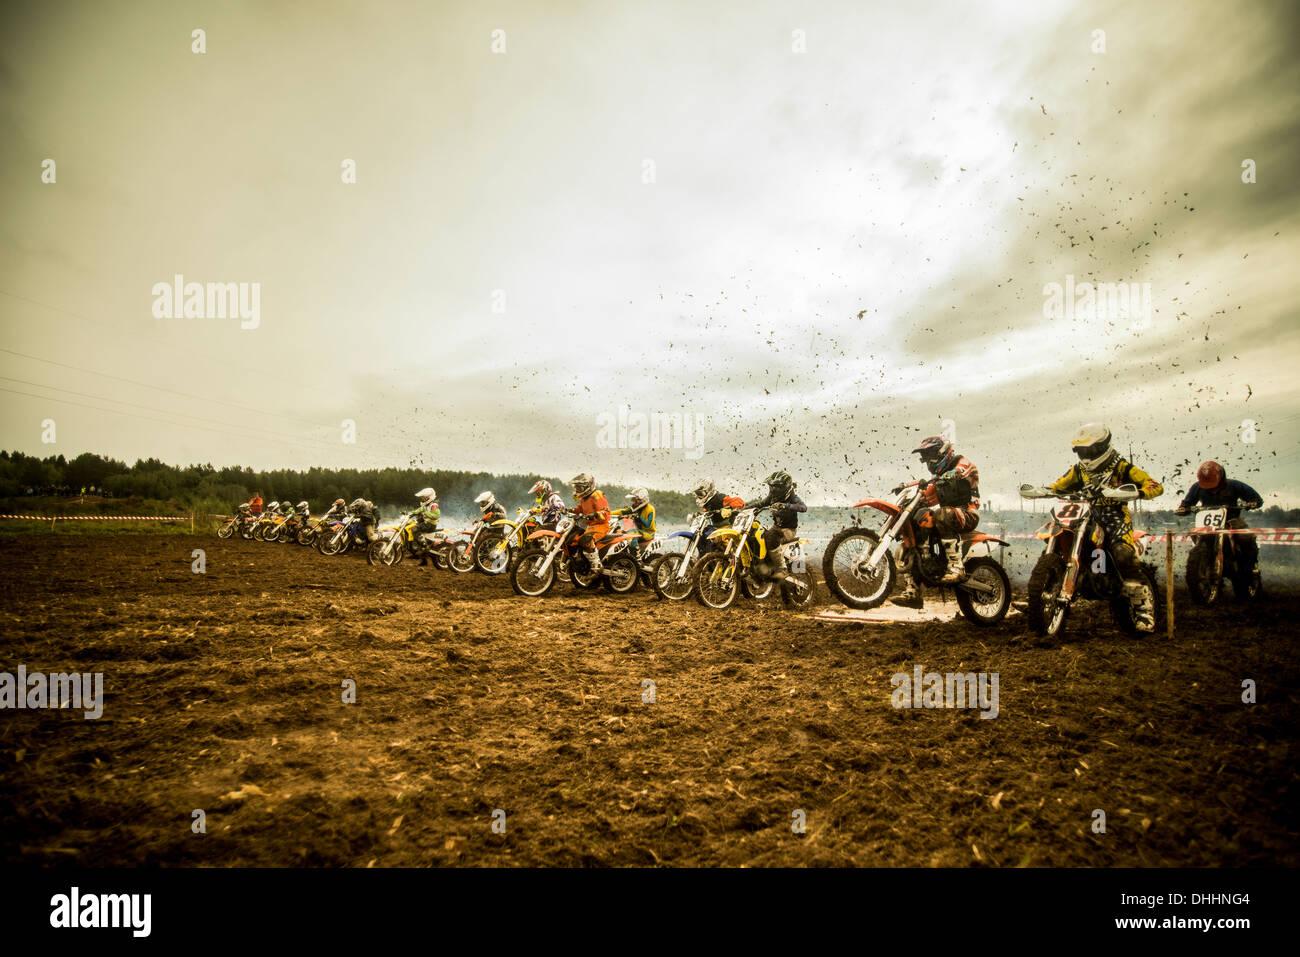 Groupe de garçons sur les motocyclettes motocross à ligne de départ Photo Stock